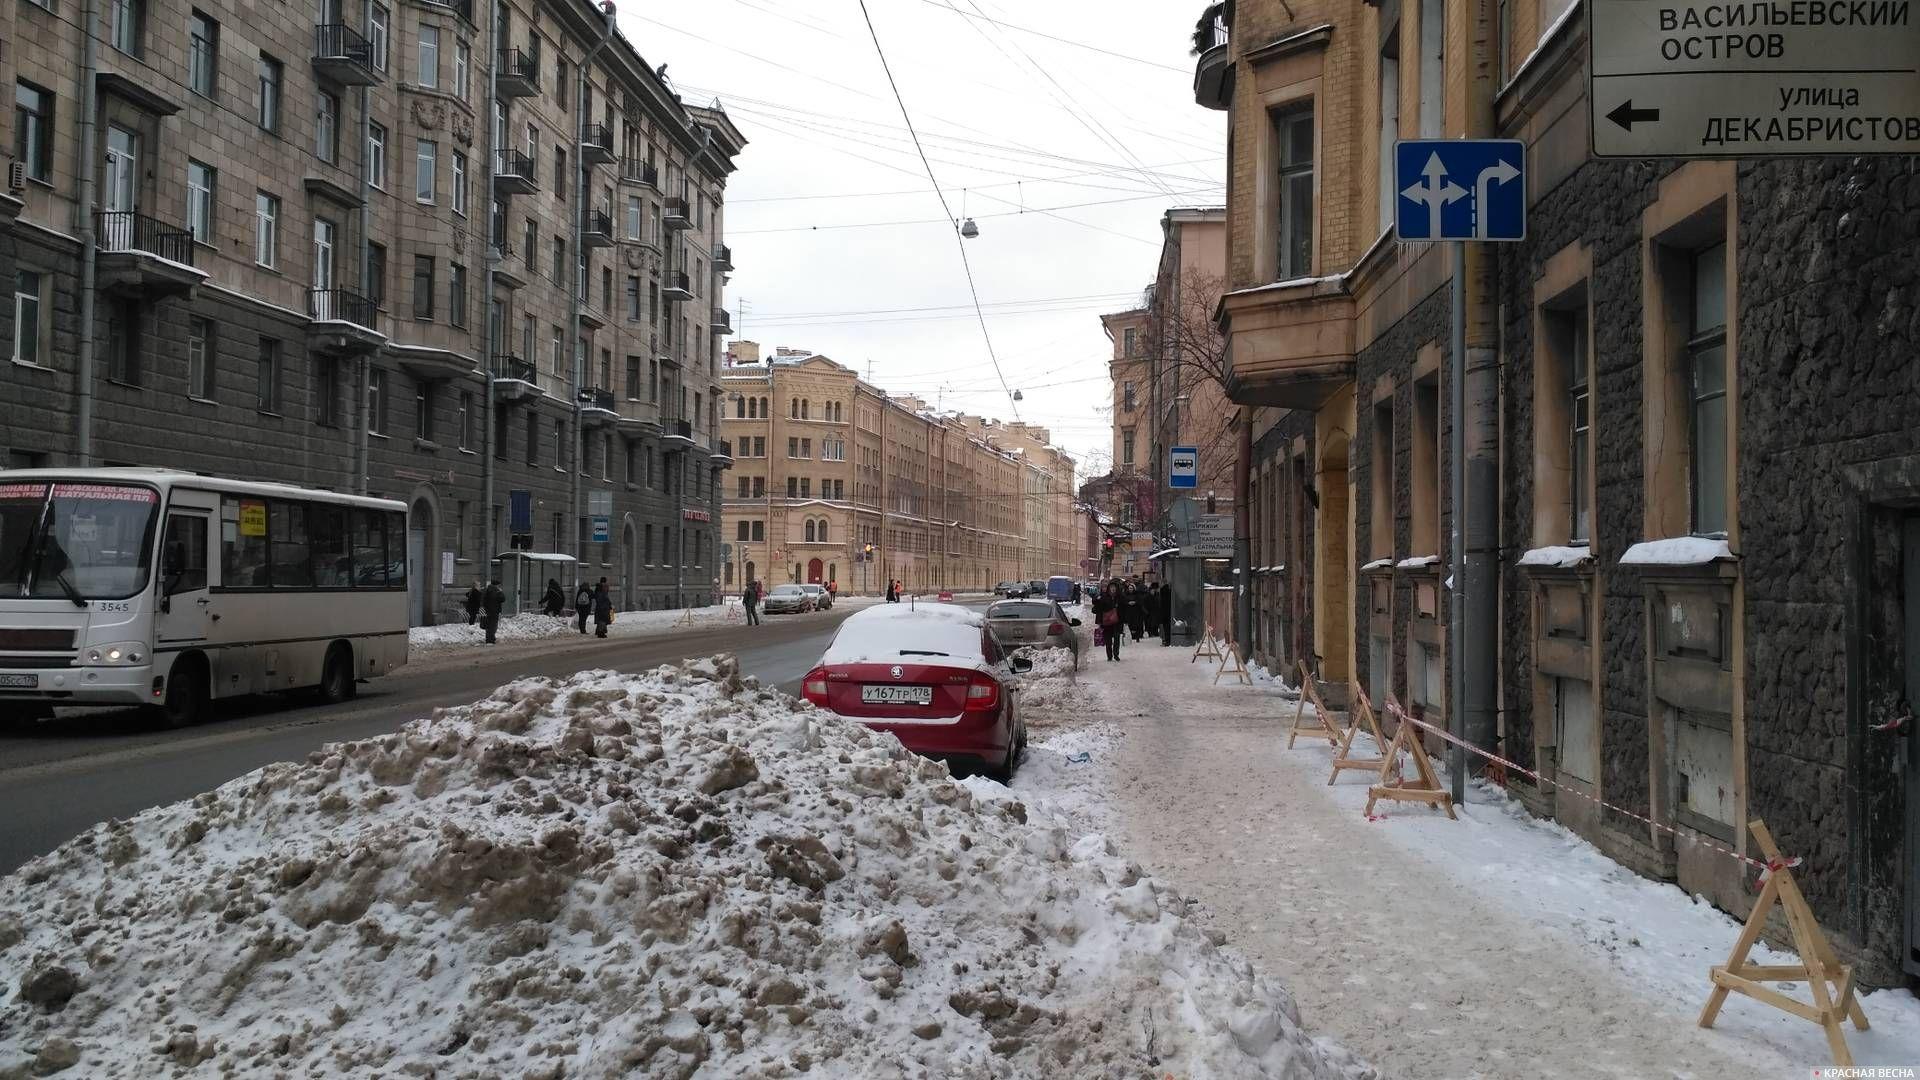 Убранный с крыш и тротуаров снег на Английском проспекте. Санкт-Петербург